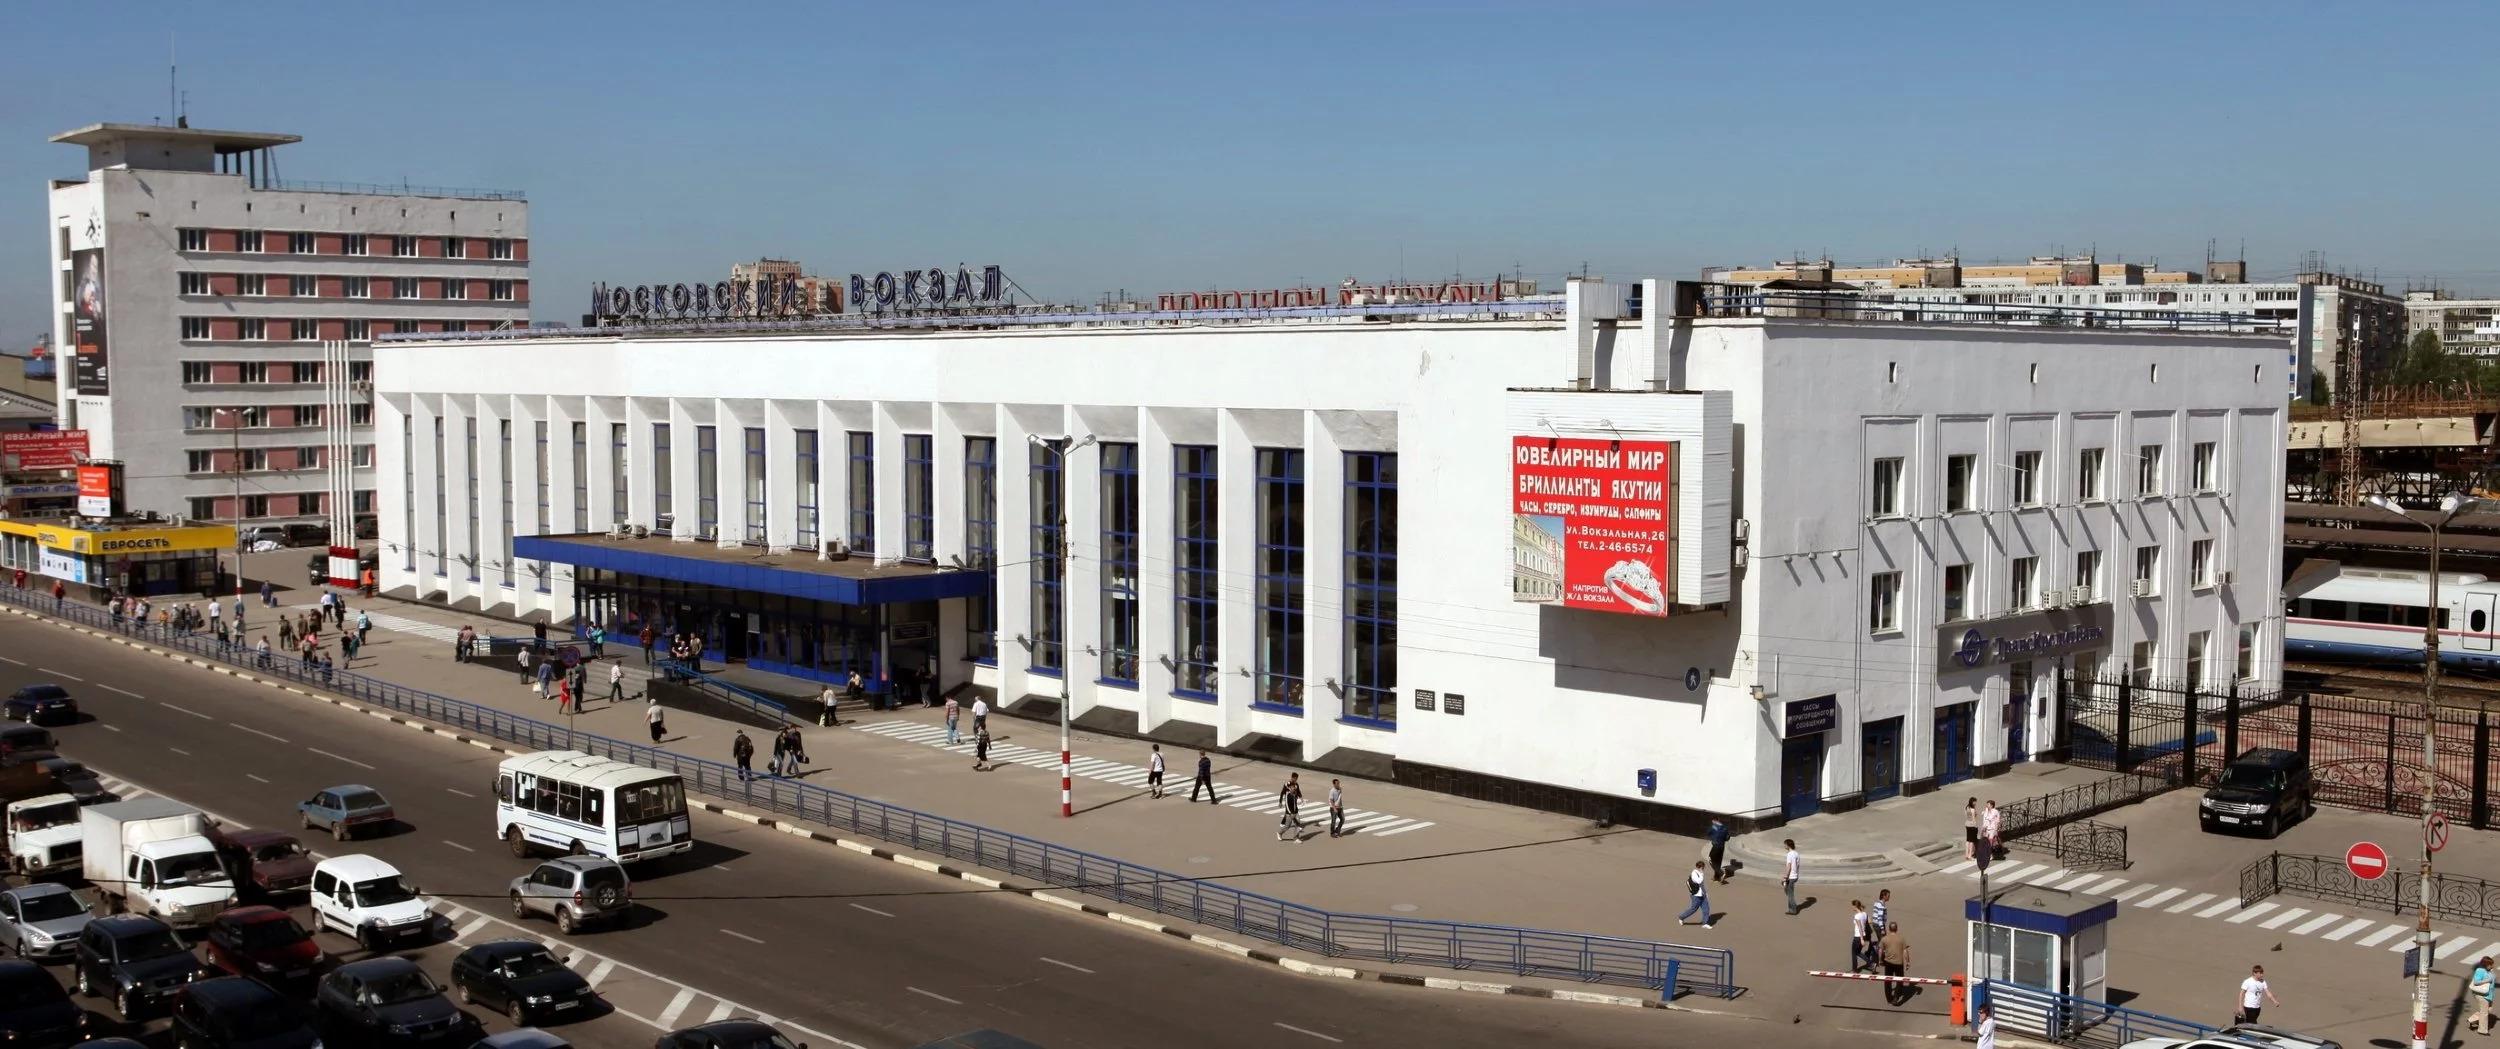 Московский вокзал Нижнего Новгорода: адрес, телефоны и услуги